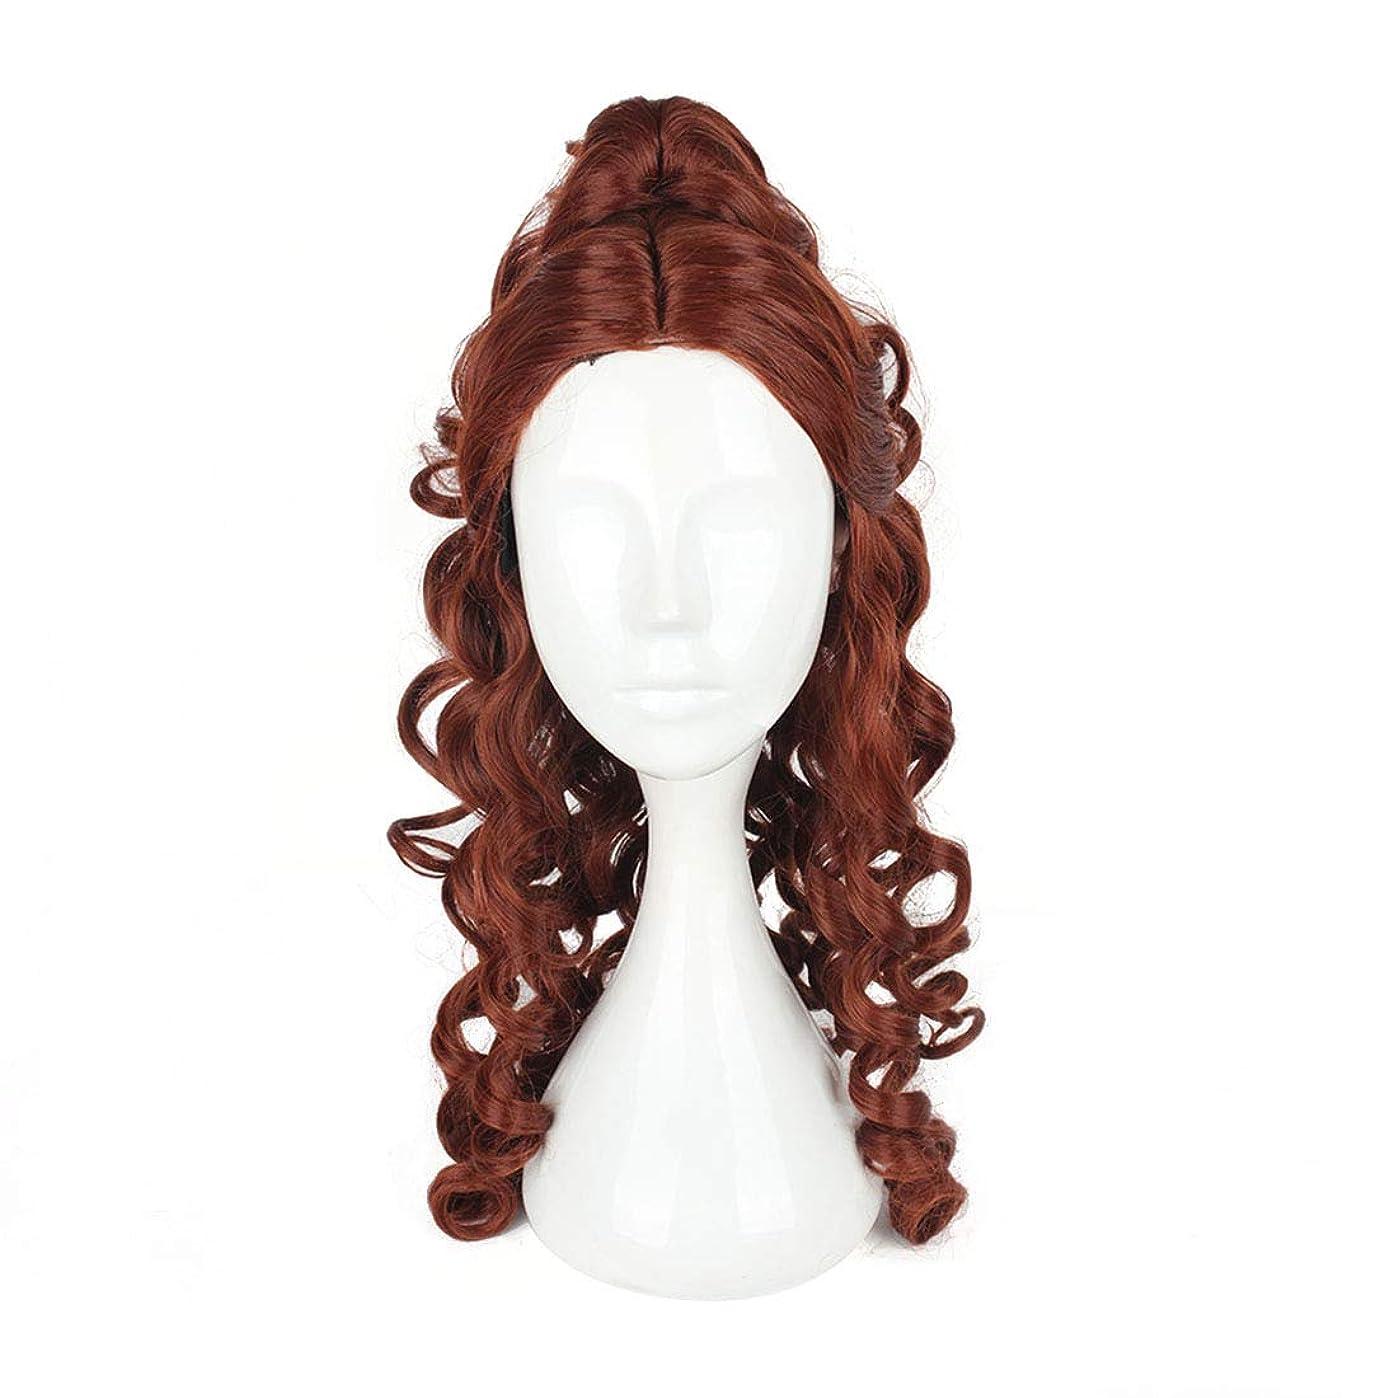 酸度政策奨励しますBOBIDYEE ヨーロッパとアメリカのかつら高つく茶色長い巻き毛のコスプレかつらプリンセスベル合成髪レースかつらロールプレイングかつら (色 : ブラウン)